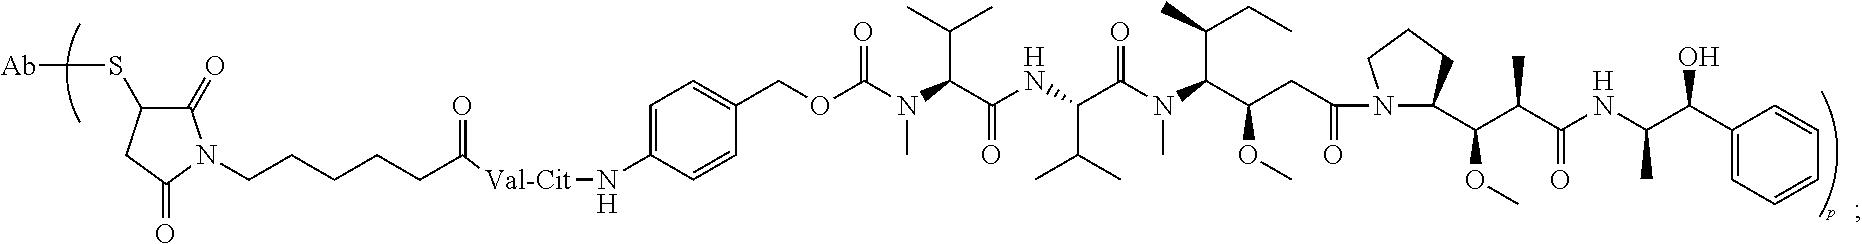 Figure US10059768-20180828-C00015